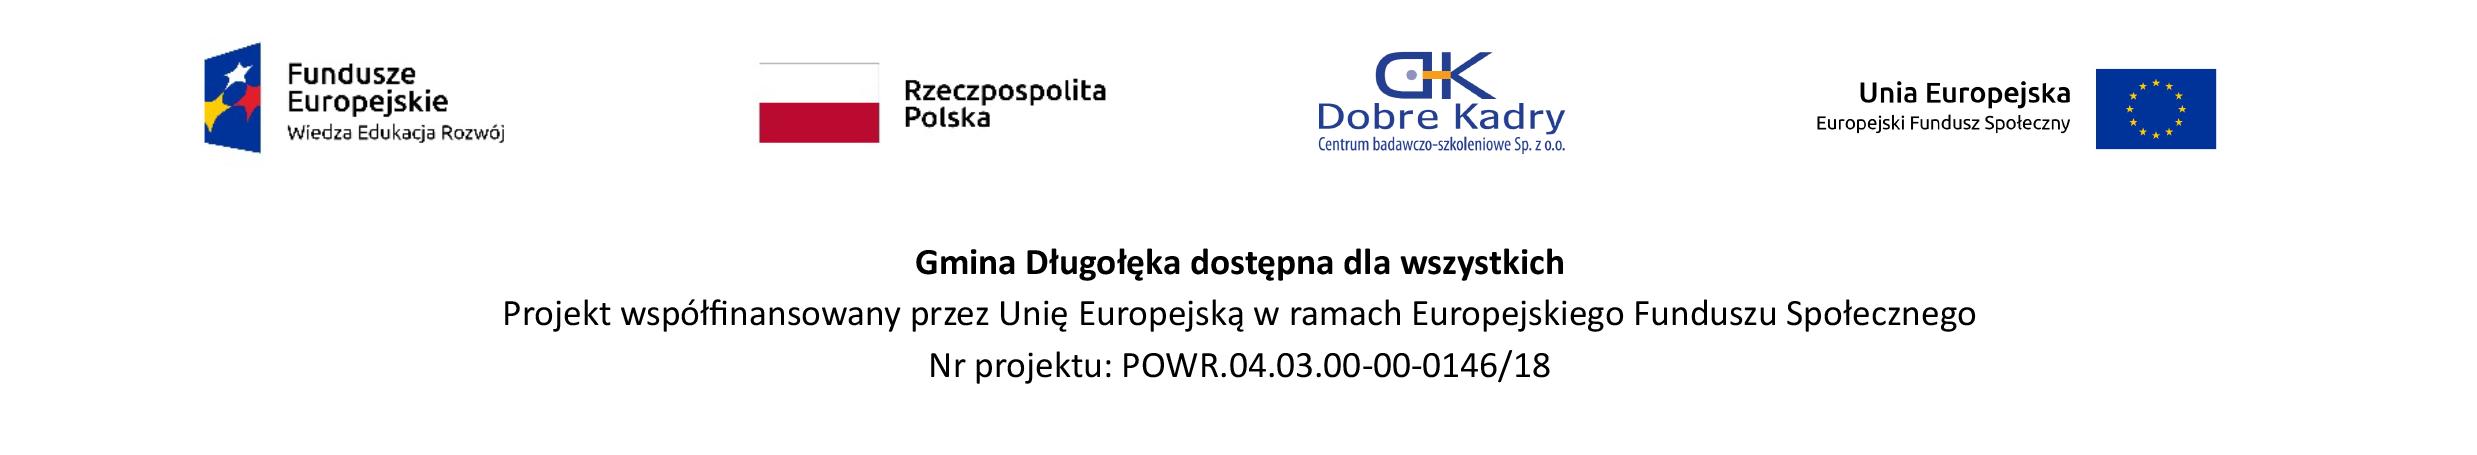 Gmina Długołęka dostępna dla wszystkich projekt Unii Europejskiej, gdzie umieszczone są flaga Polska, Flaga Unijna, Herb Długołęki, Logo Funduszy Europejskich